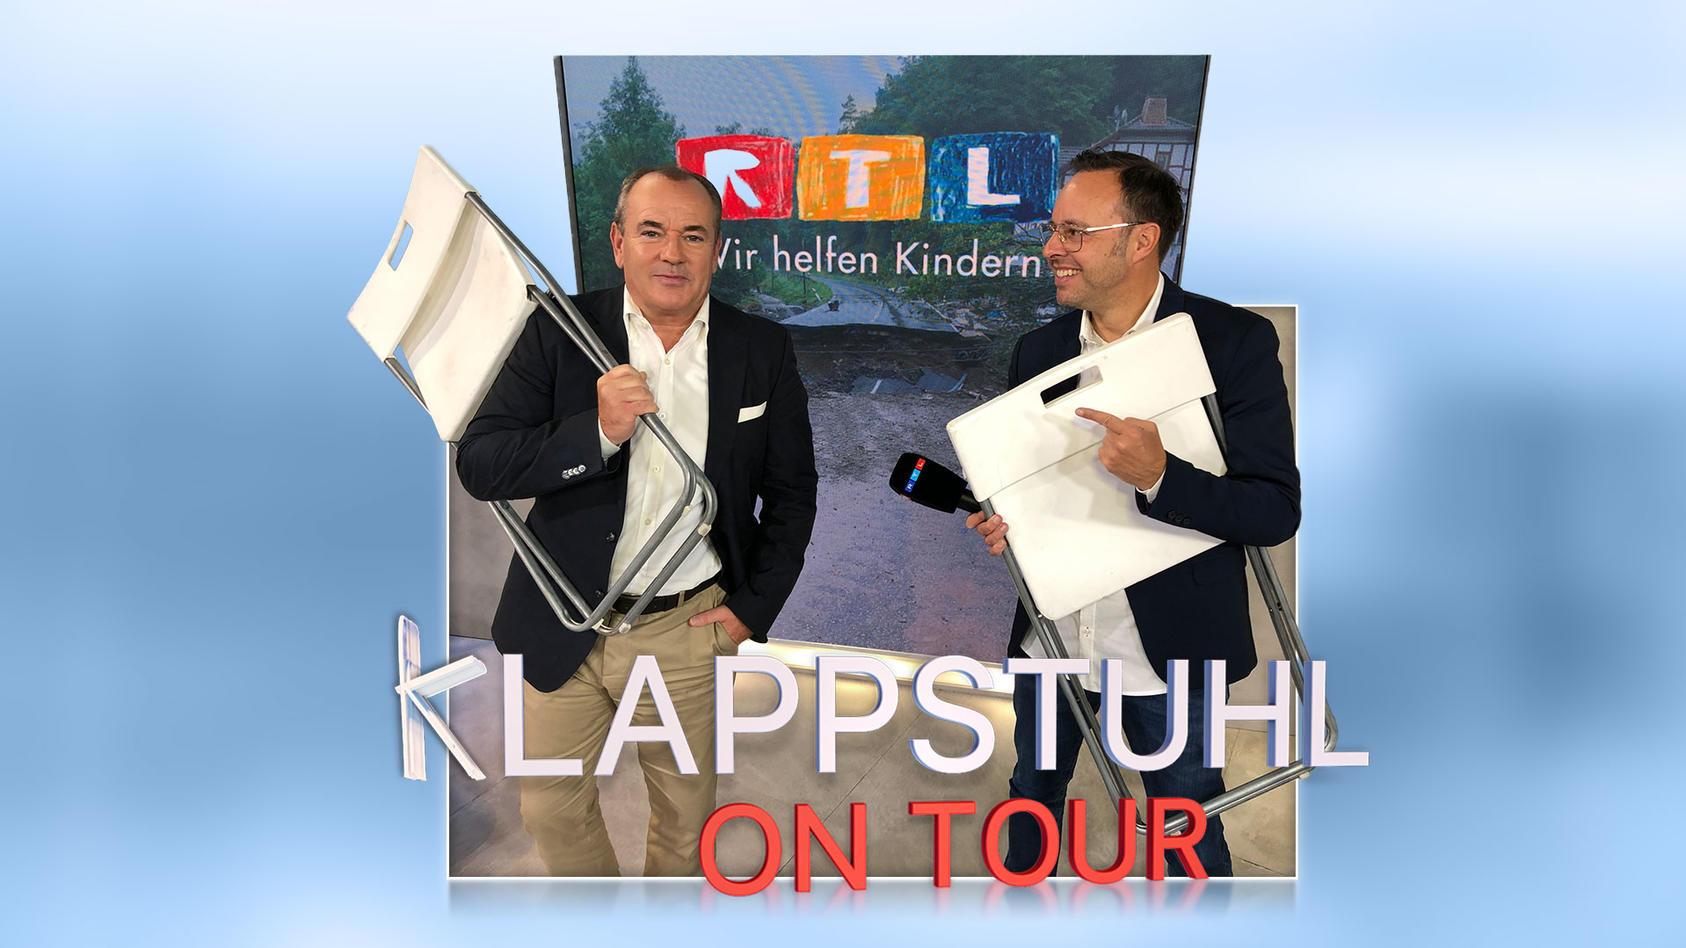 klappstuhl-on-tour-till-quitmann-trifft-wolfram-kons